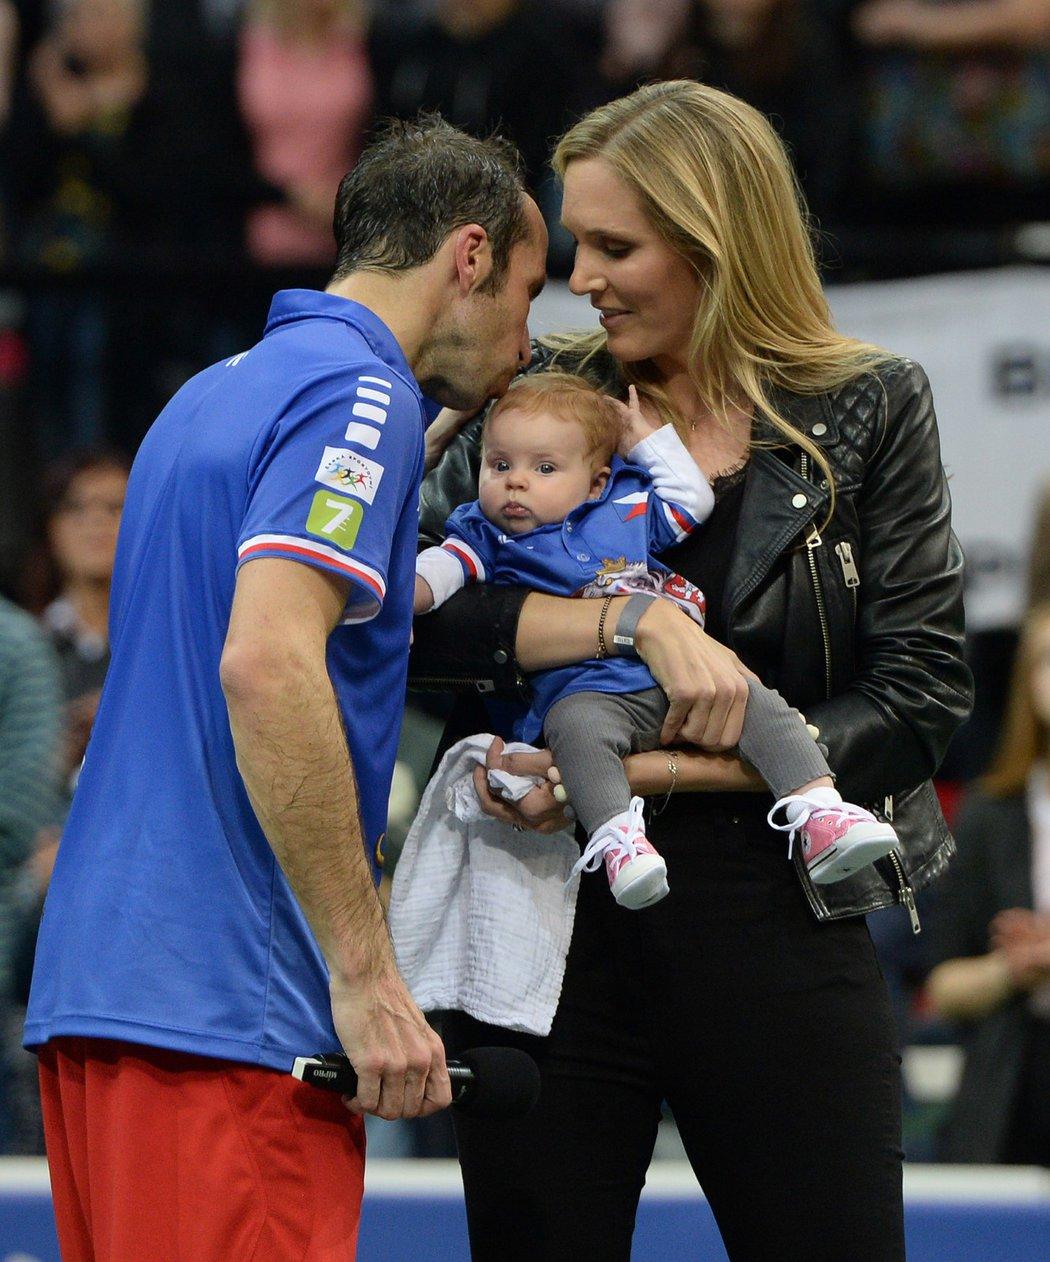 Po rozlučce si Radek Štěpánek užil společnost manželky Nicole Vaidišové a dcery Stelly